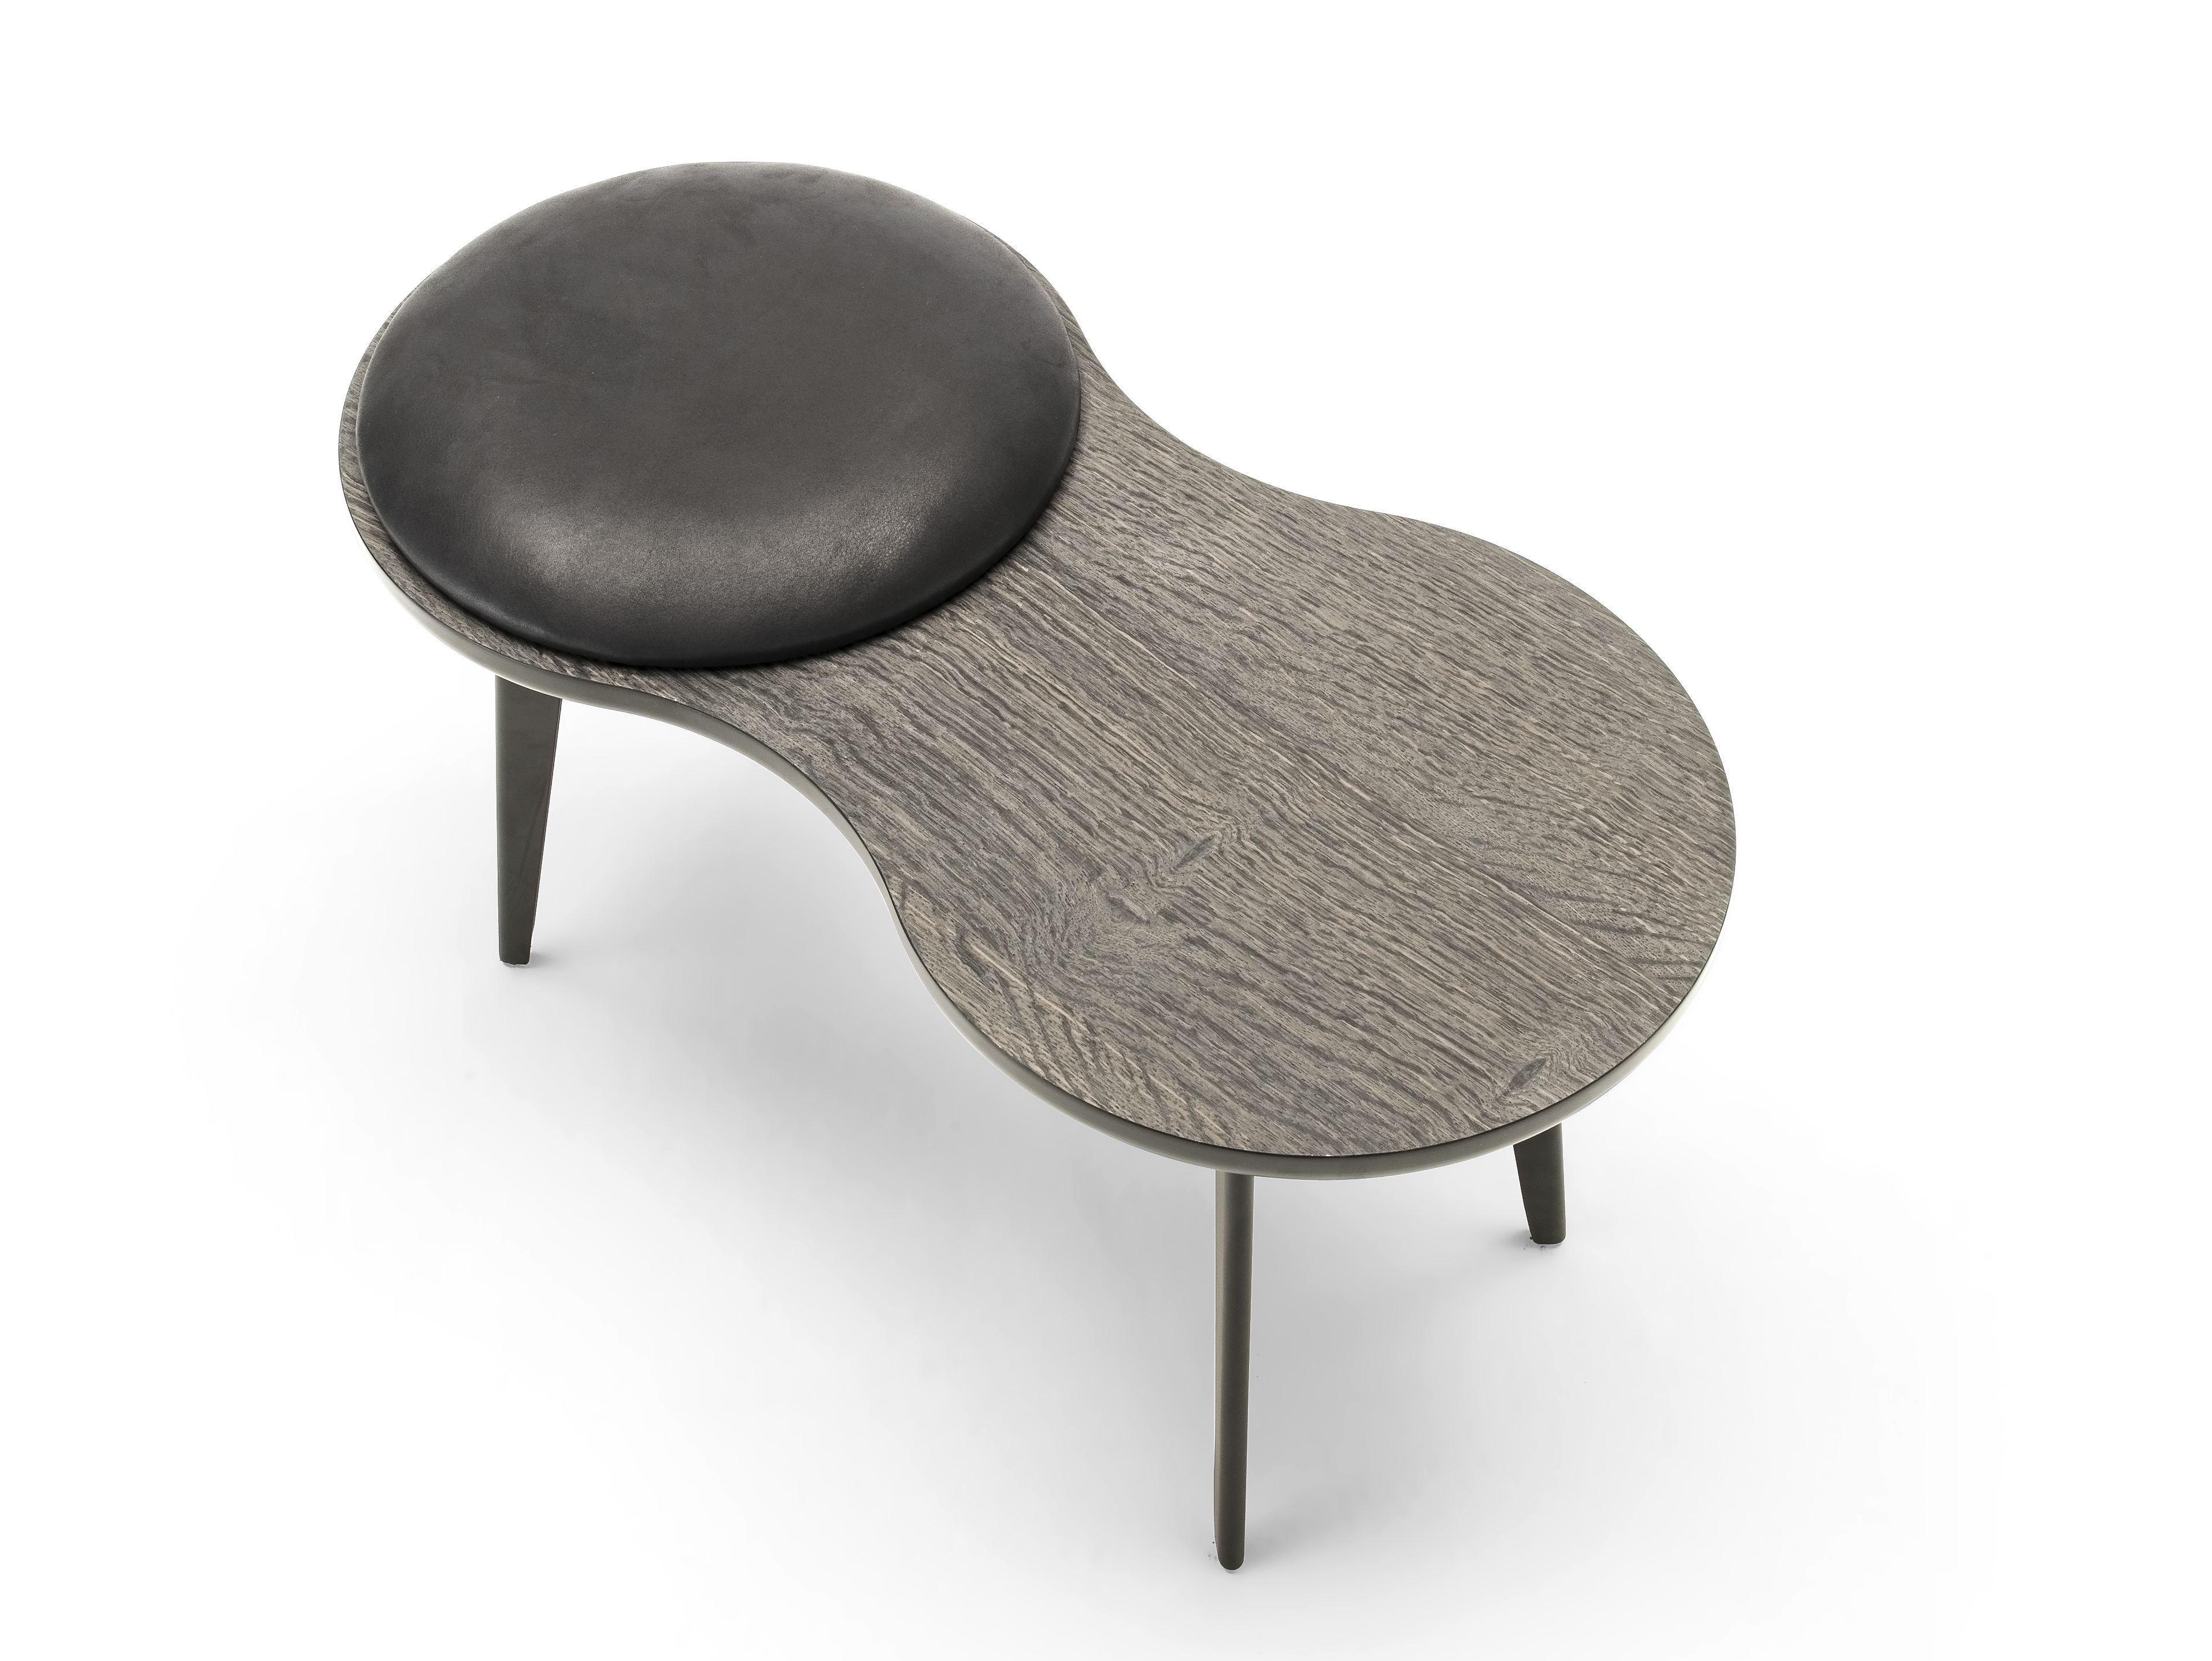 Sgabello tavolino in legno imago collezione imago by for Tavolino sgabello